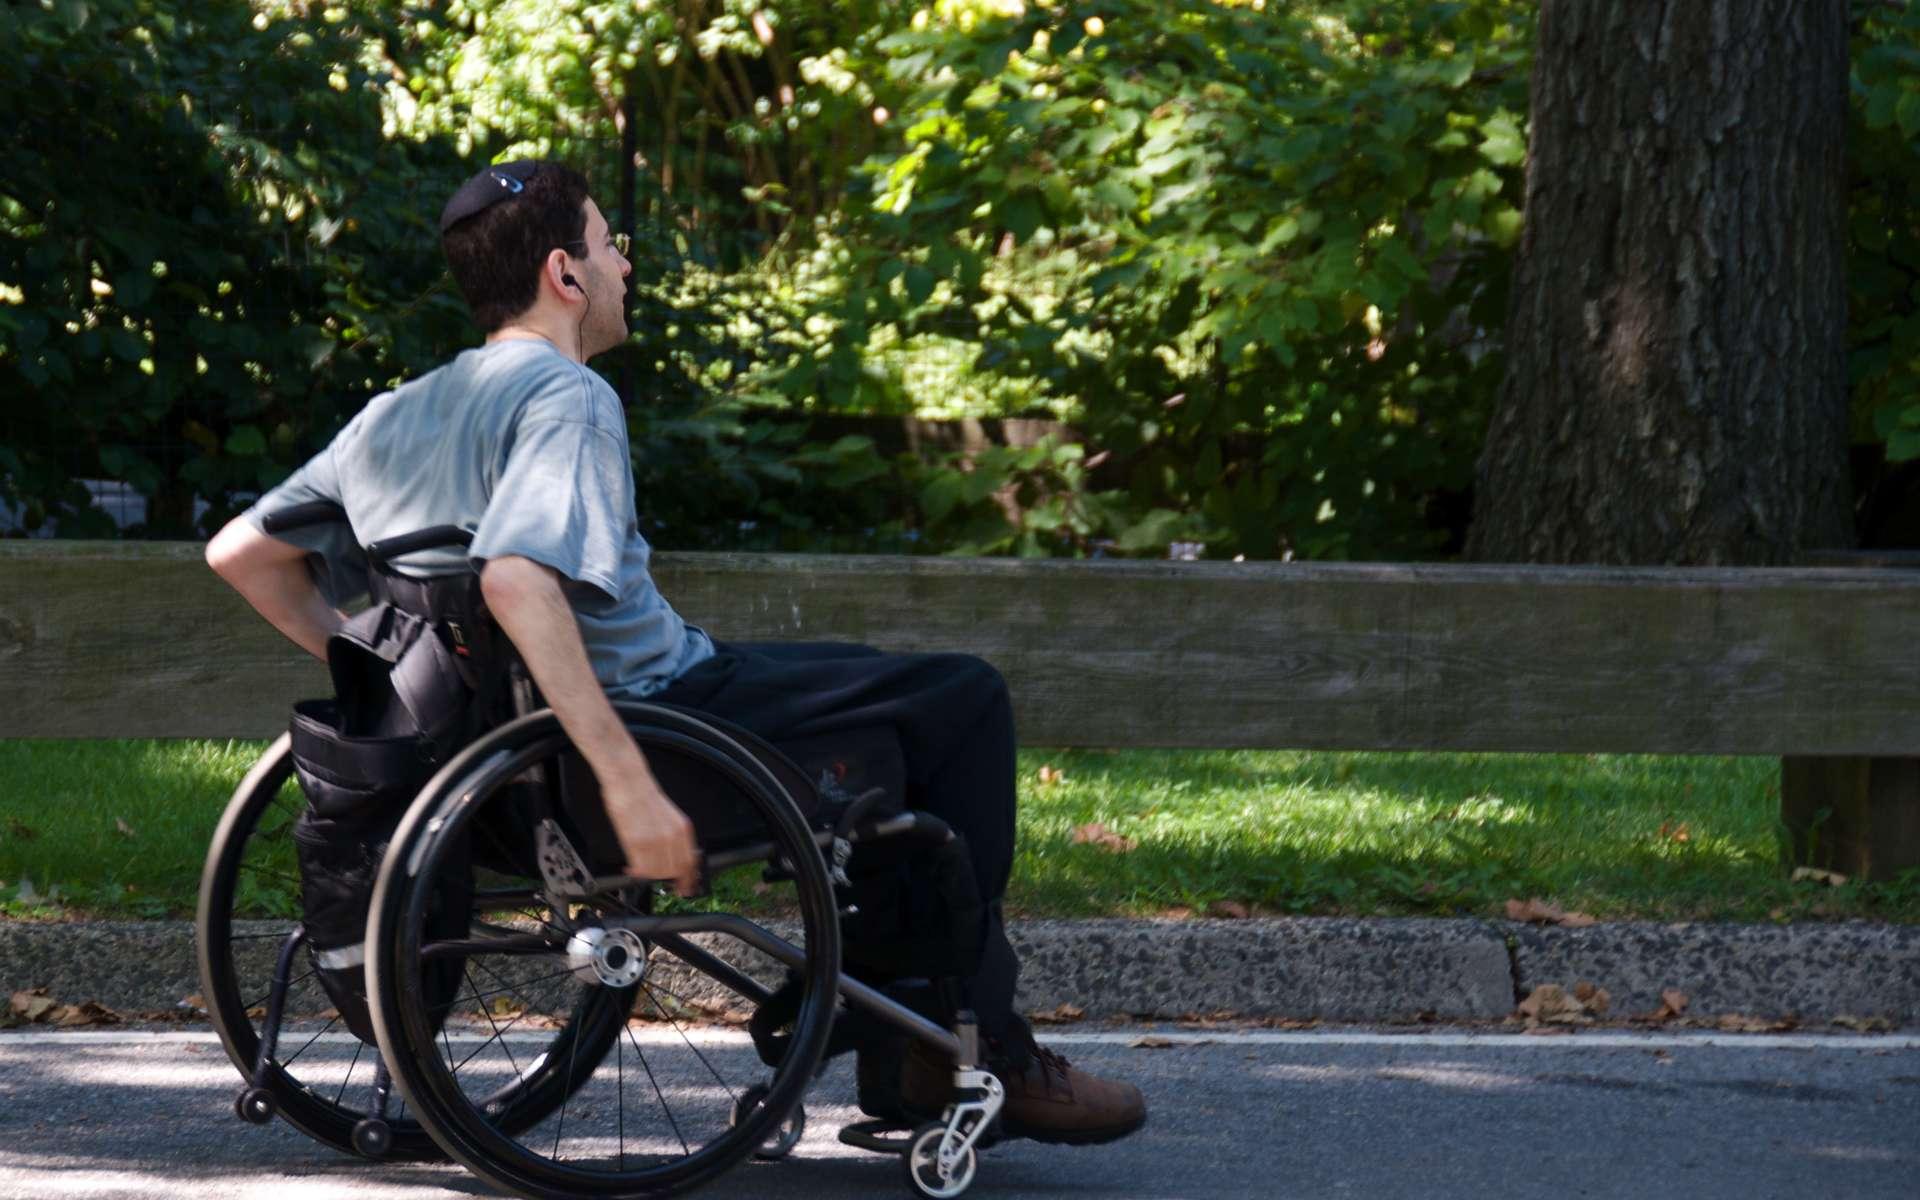 La paraplégie est due à une lésion dans la partie inférieure de la moelle épinière, affectant les membres inférieurs. La personne ne pouvant plus tenir sur ses jambes, elle doit vivre en fauteuil. Mais cela n'est pas sans conséquence sur l'état de santé général, car passer sa vie assis favorise de nombreuses pathologies, qu'elles soient cardiovasculaires, urinaires, digestives ou respiratoires. Remarcher grâce à un exosquelette pourrait aussi réduire les risques d'apparitions de ces troubles. © Ed Yourdon, Fotopédia, cc by sa 2.0